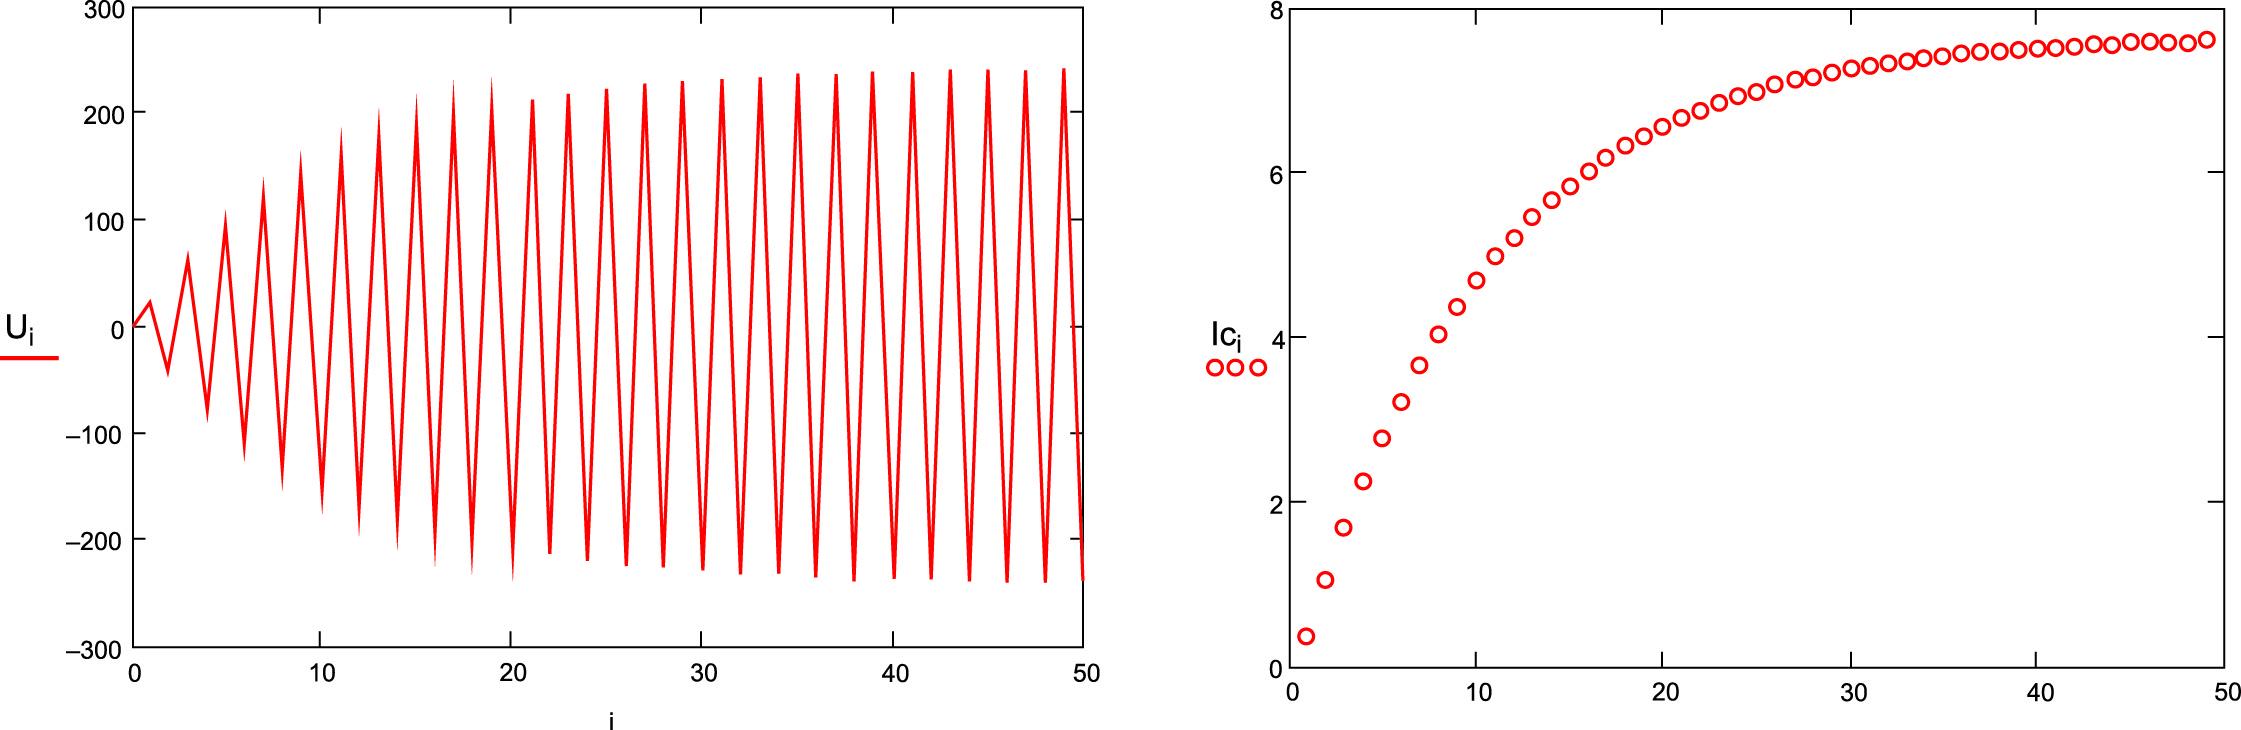 Расчетные значения напряжения емкости и токов ветвей за 50 тактов работы ключей